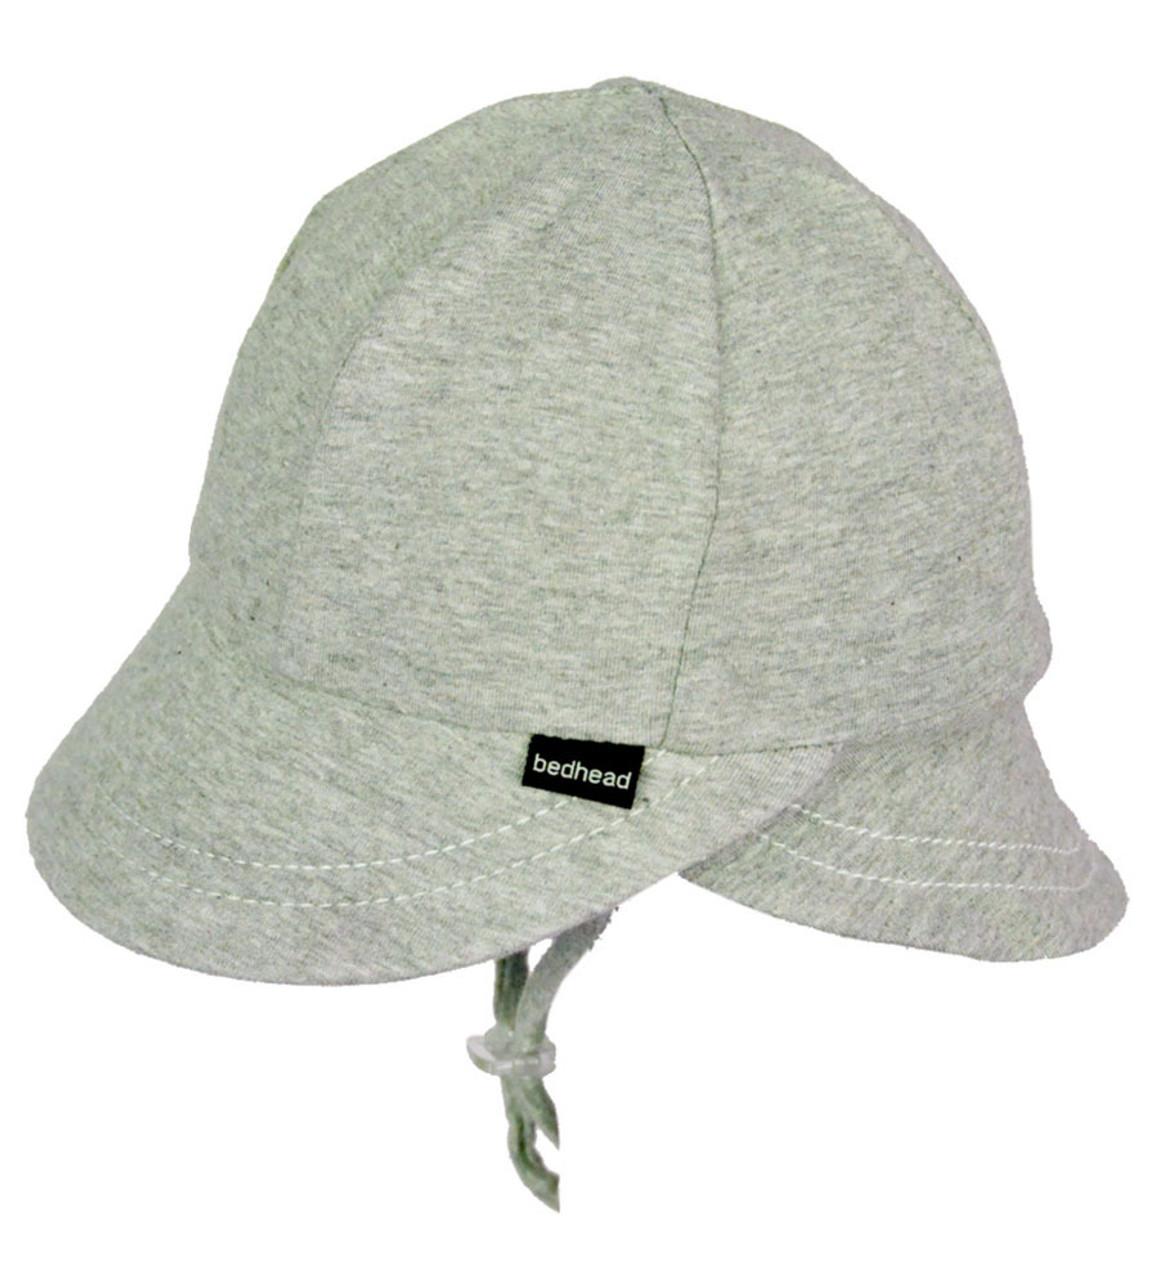 Bedhead UPF 50 Legionnaire Baby Hat - Grey Marle